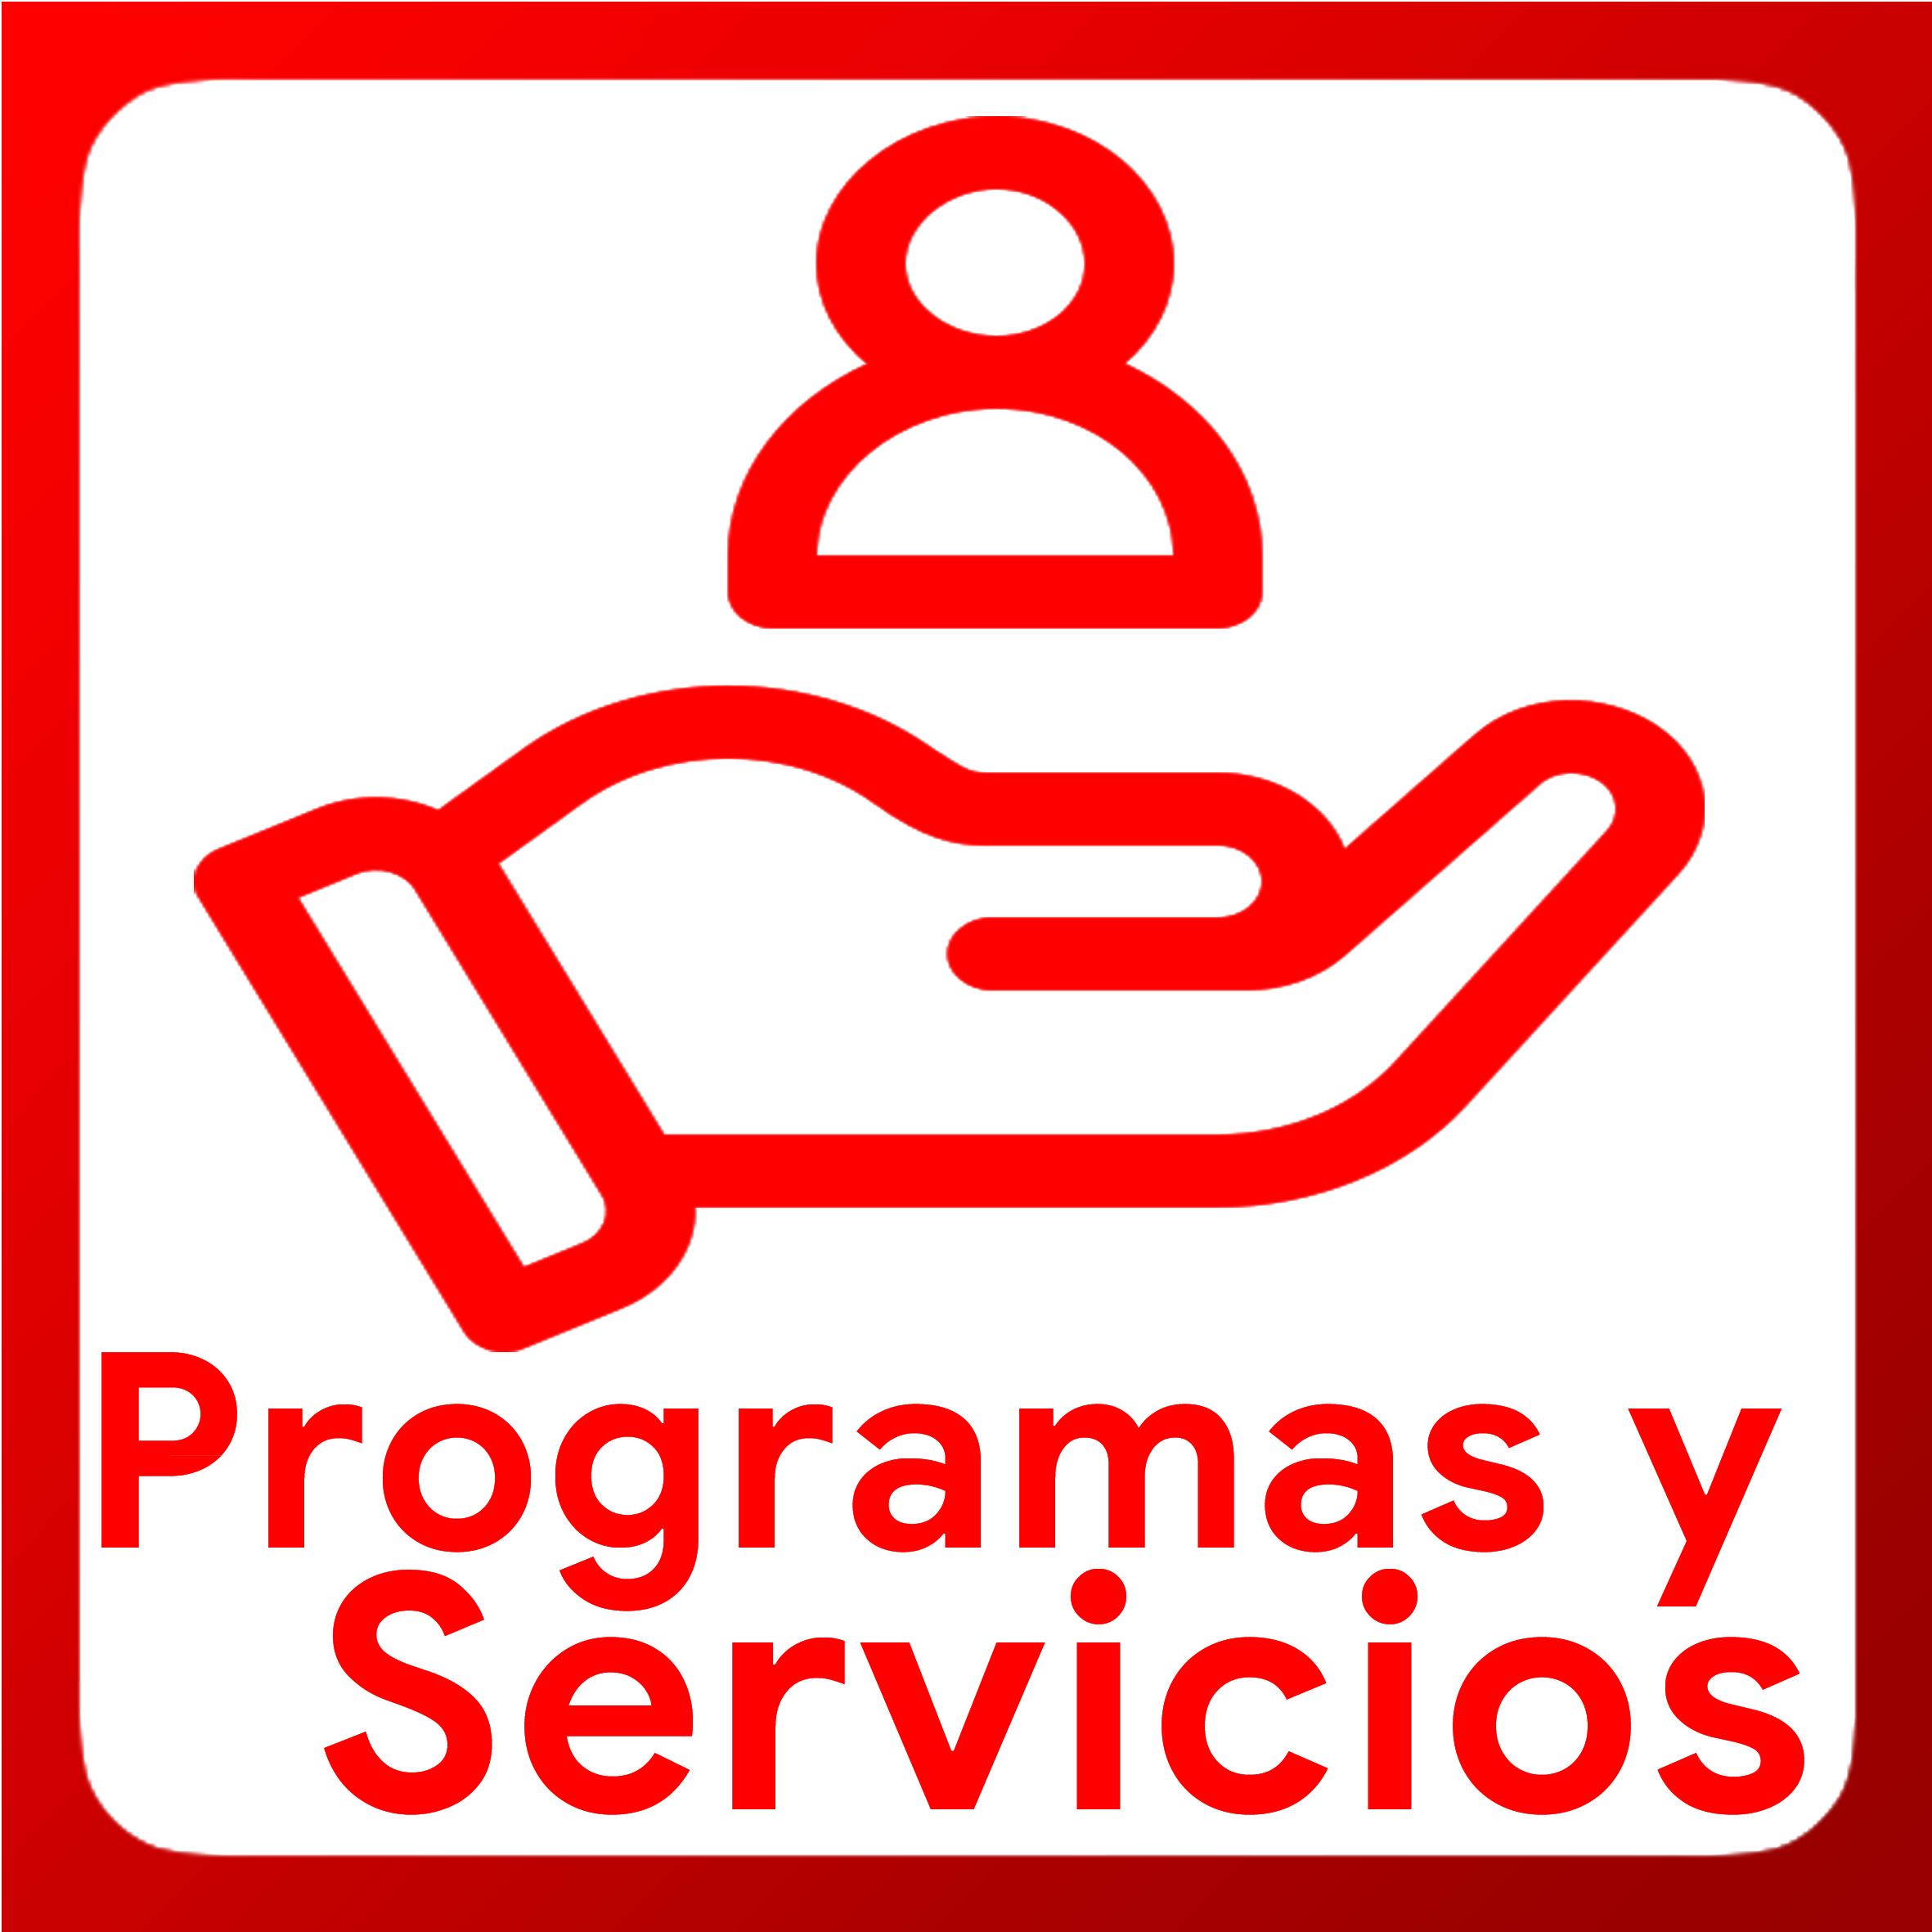 Boton activable de programas y servicios